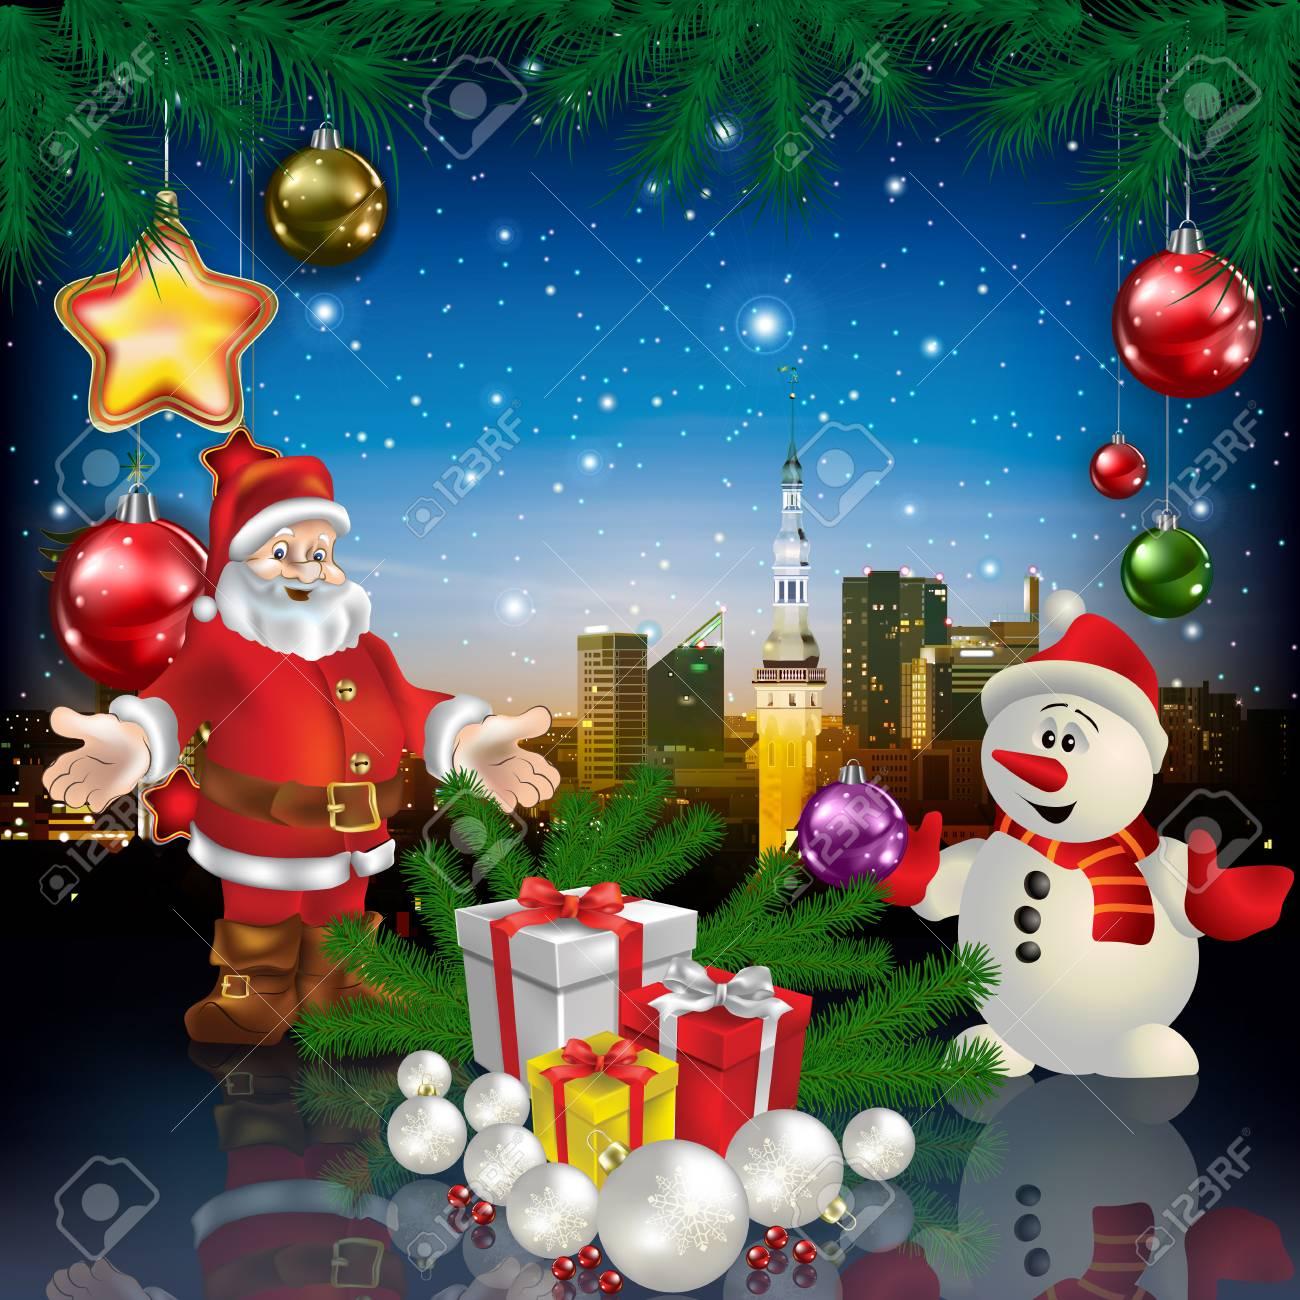 Regali Di Babbo Natale.Vettoriale Celebrazione Saluto Con Panorama Della Citta Pupazzo Di Neve Di Babbo Natale E Regali Di Natale Image 88121766